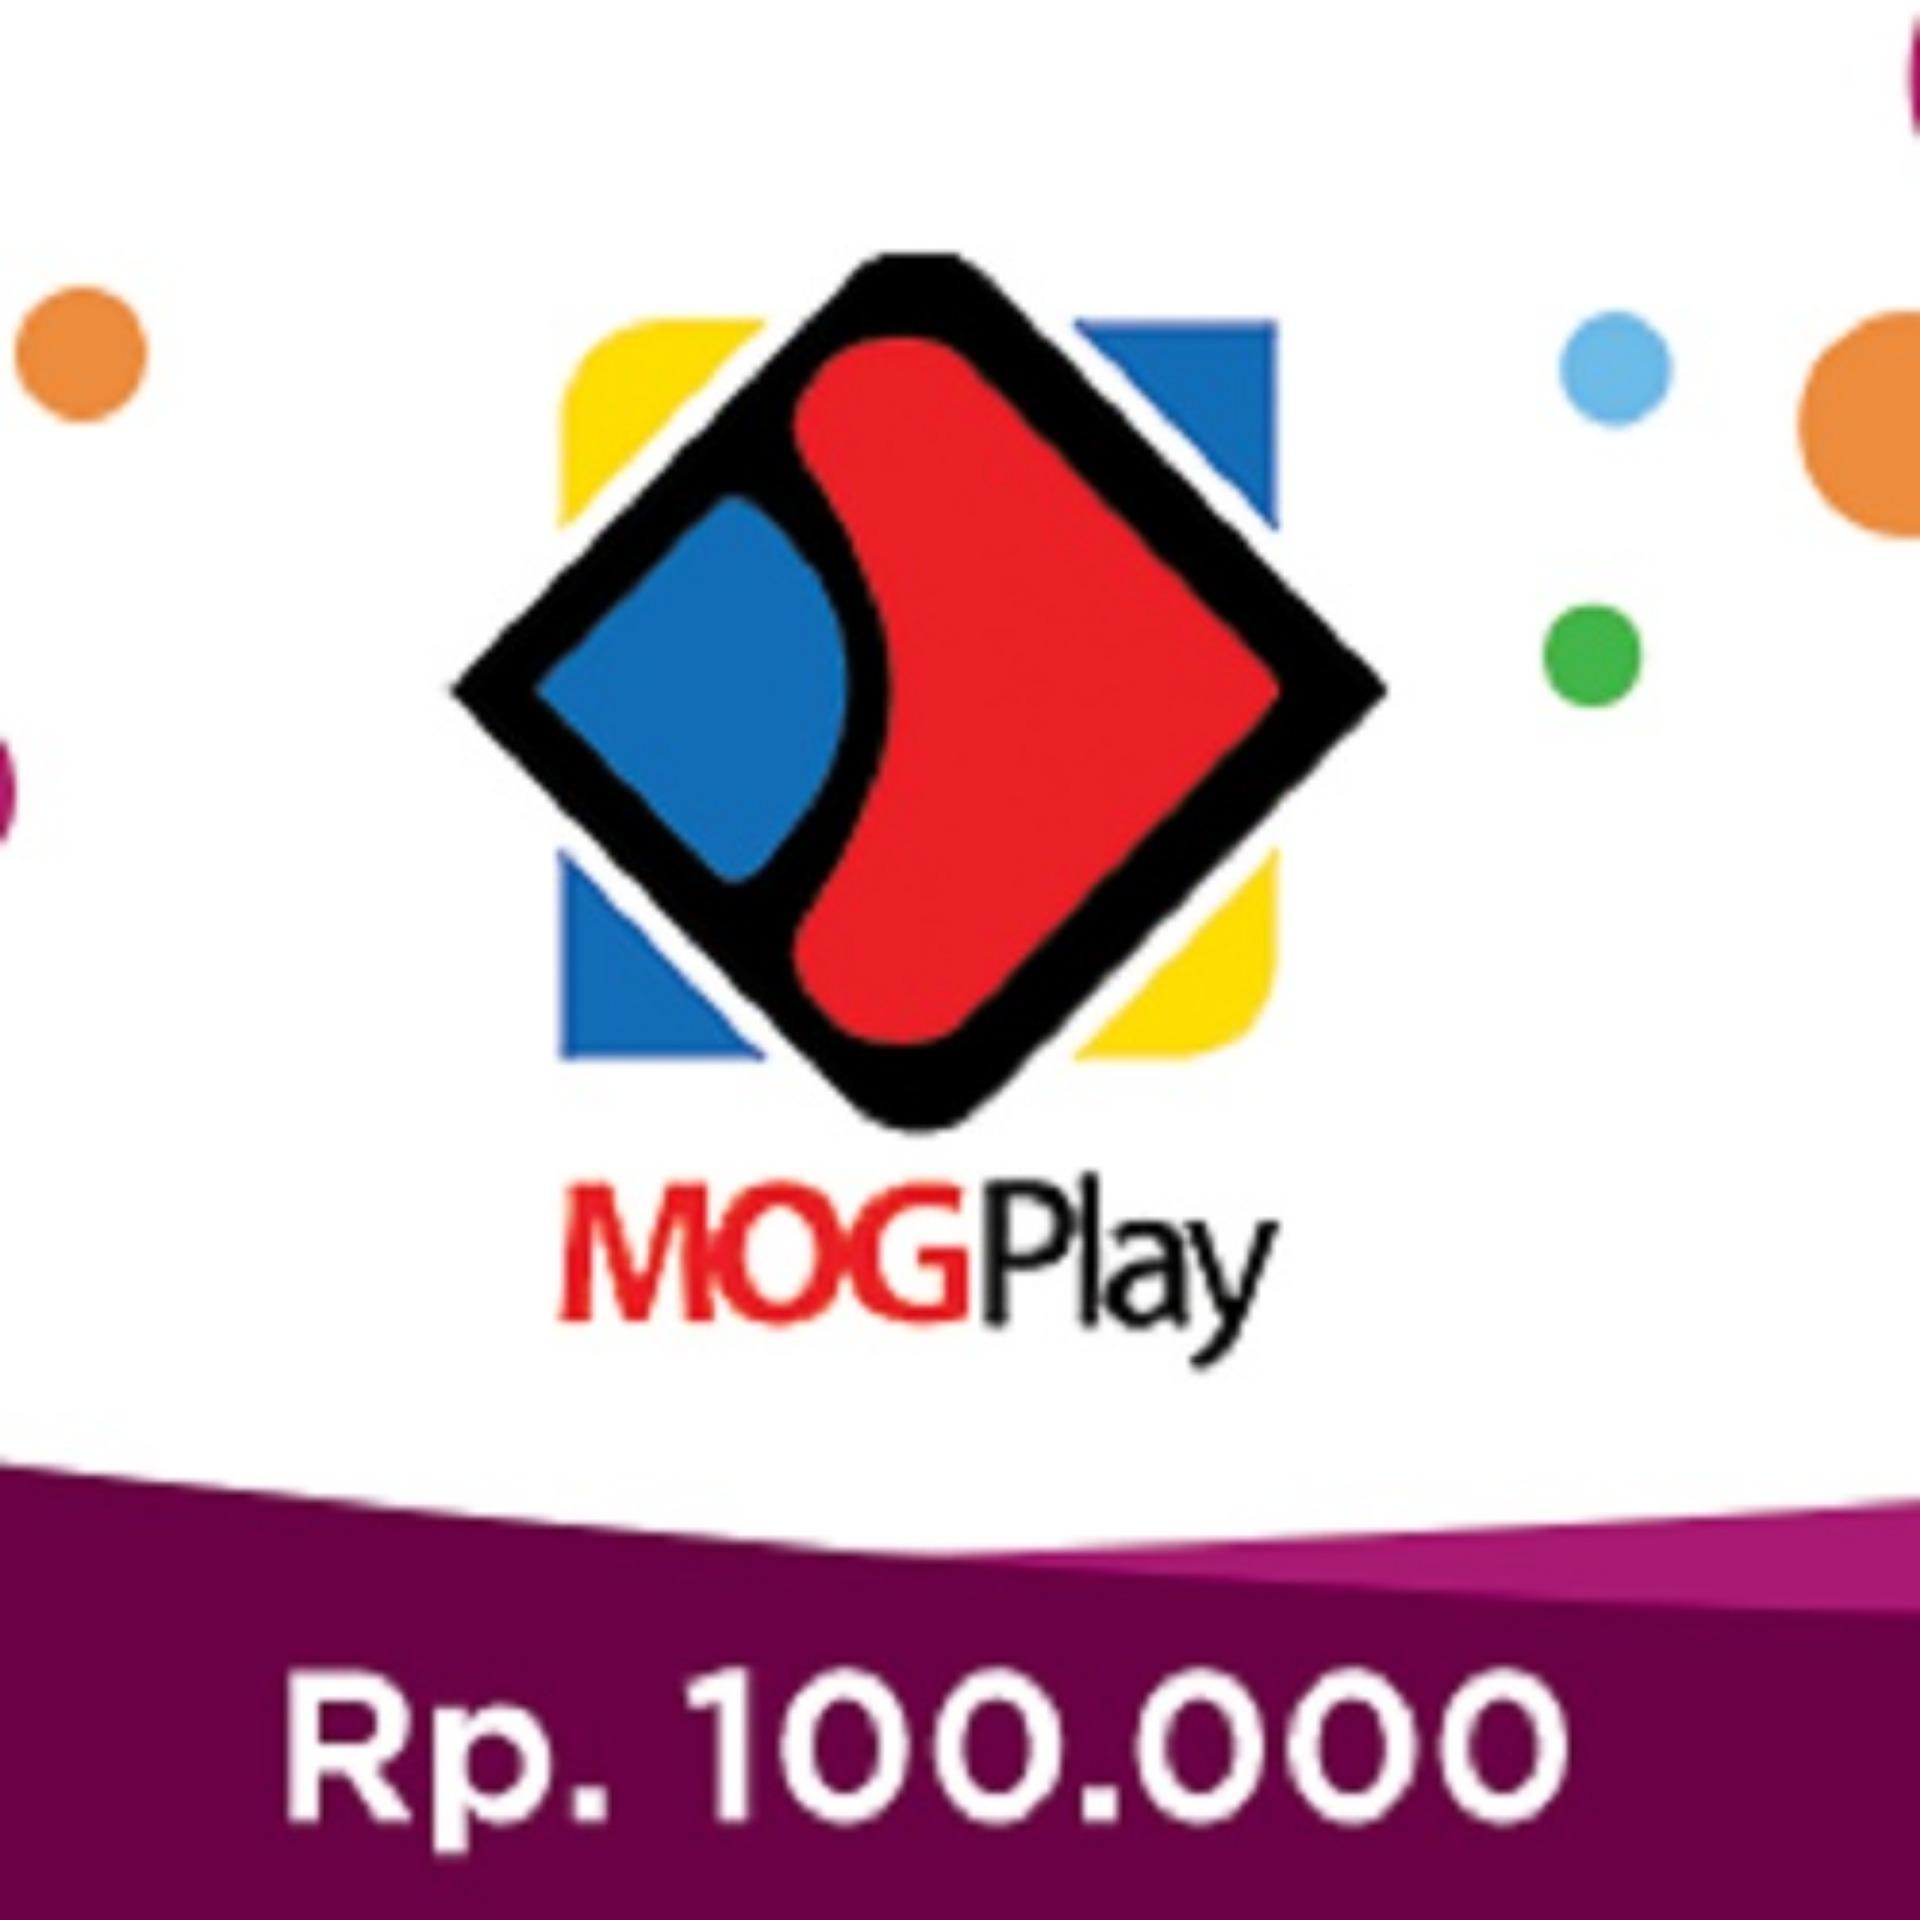 Indomog Garena 100 000 Daftar Harga Terbaru Dan Terupdate Indonesia 50000 Bandingkan Toko Mogplay 100000 Voucher Digital Code Baru Hanya Rp97200